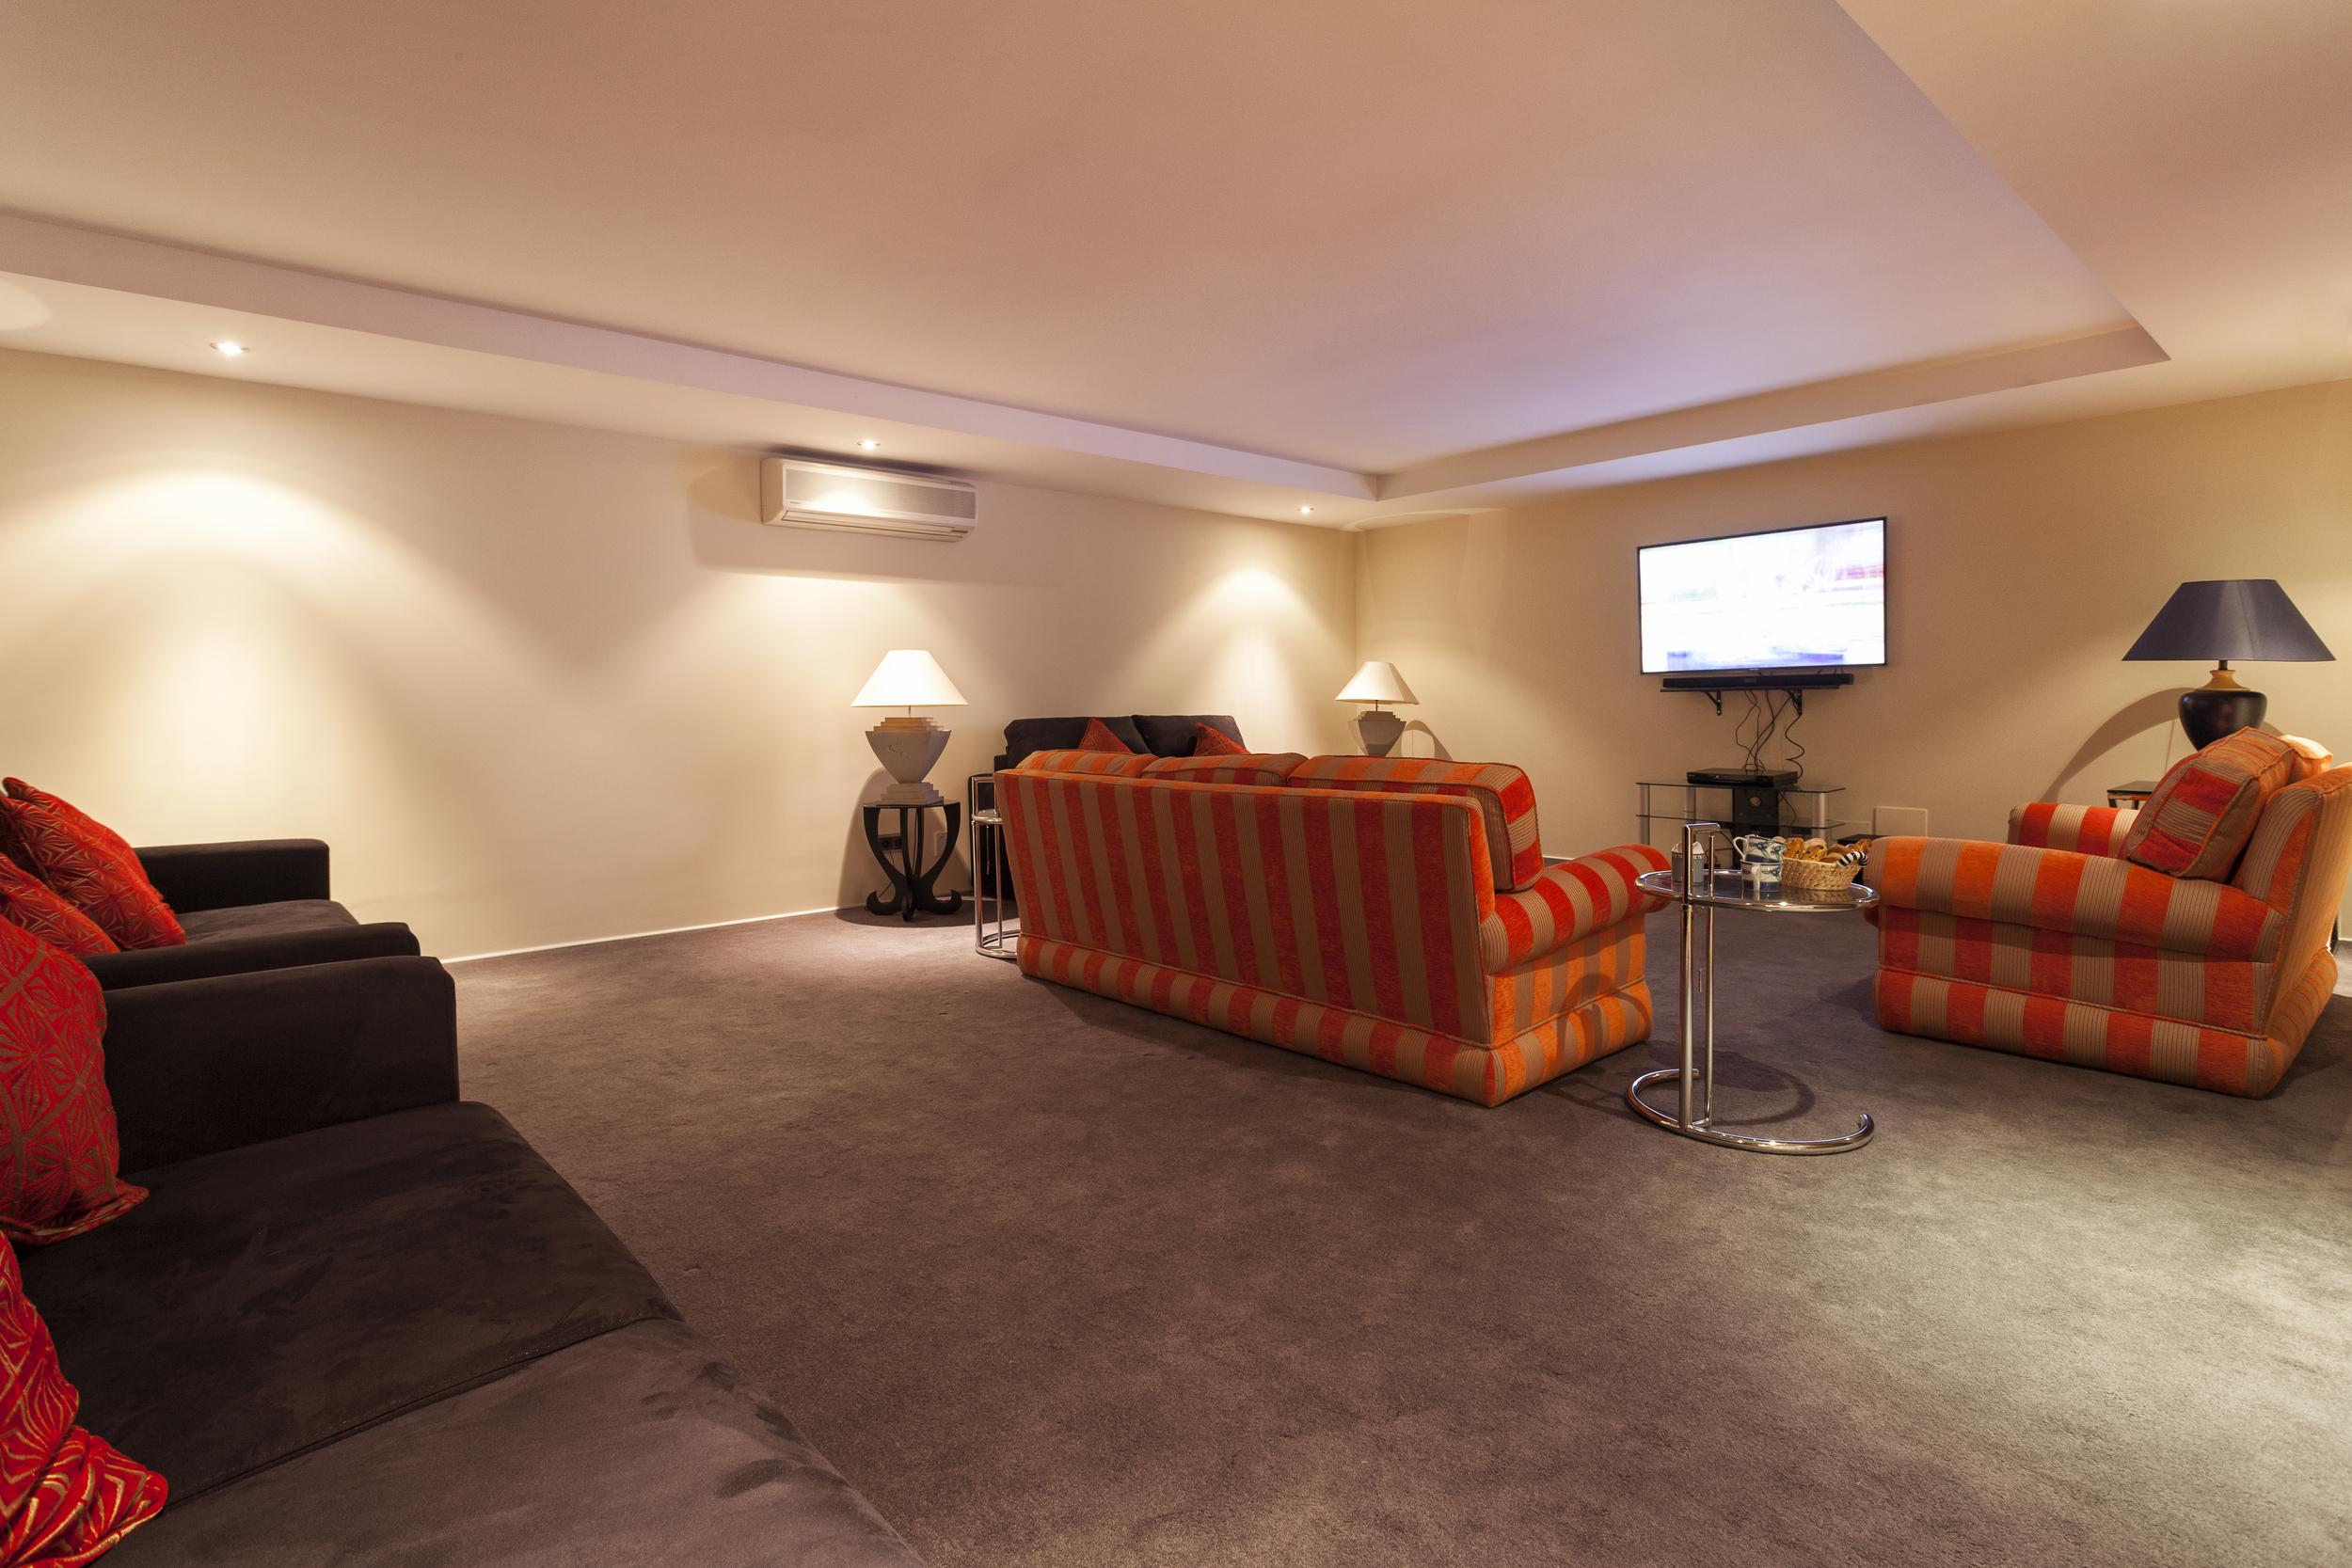 4 bedroom villa to rent in Quinta do Lago, RLV, Villa Serpentine,21.jpg